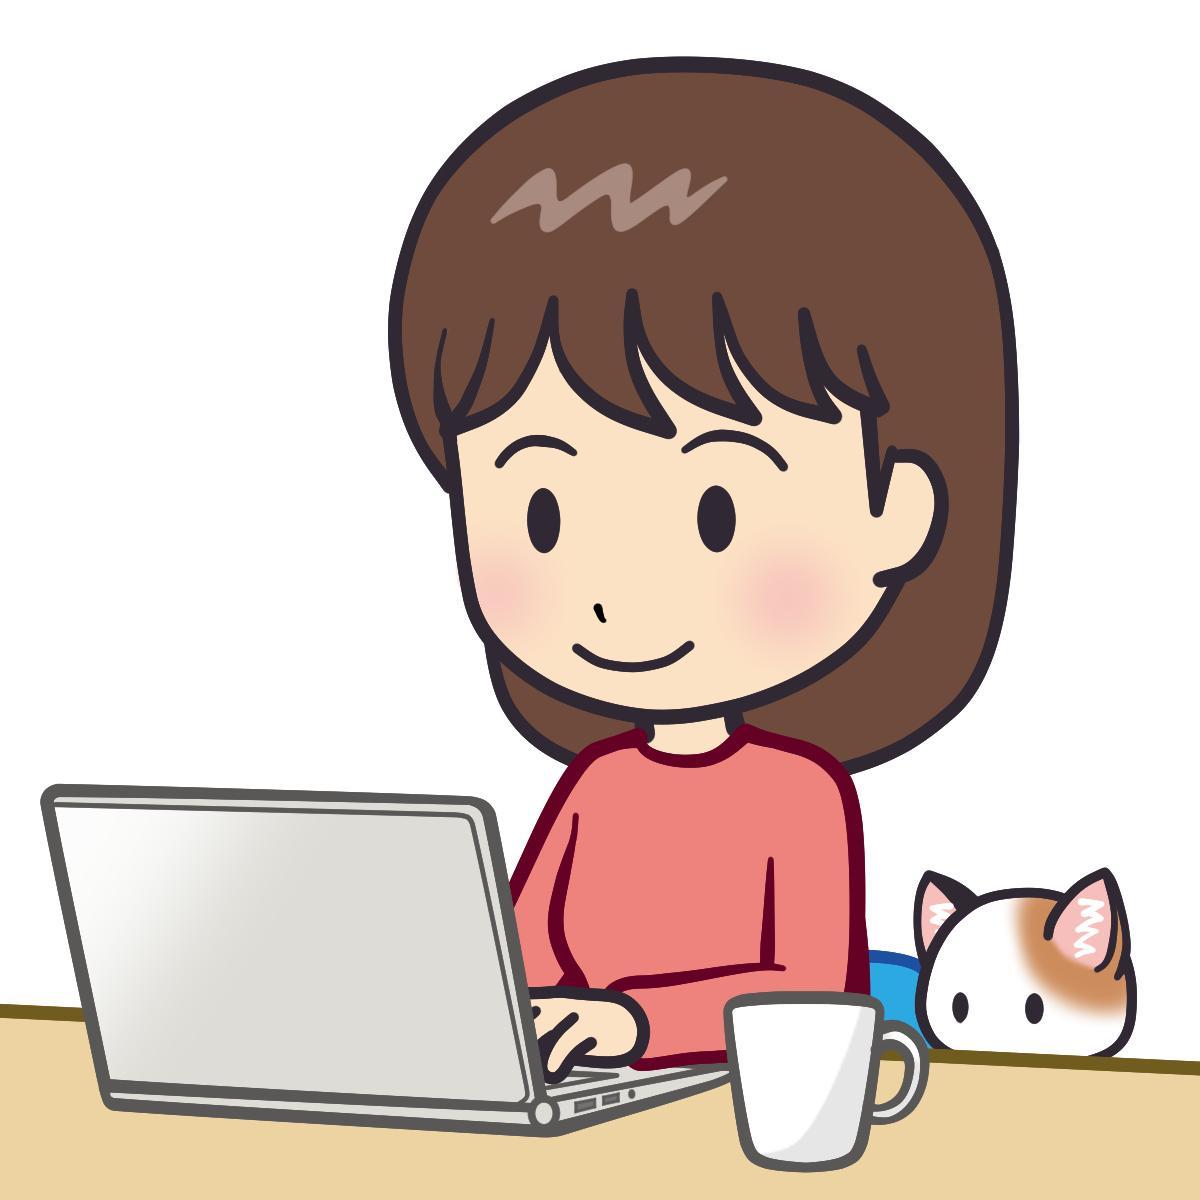 挿絵や記事の説明に!わかりやすいイラスト描きます 商用OK!文章を楽しく伝えるお手伝いをします。 イメージ1